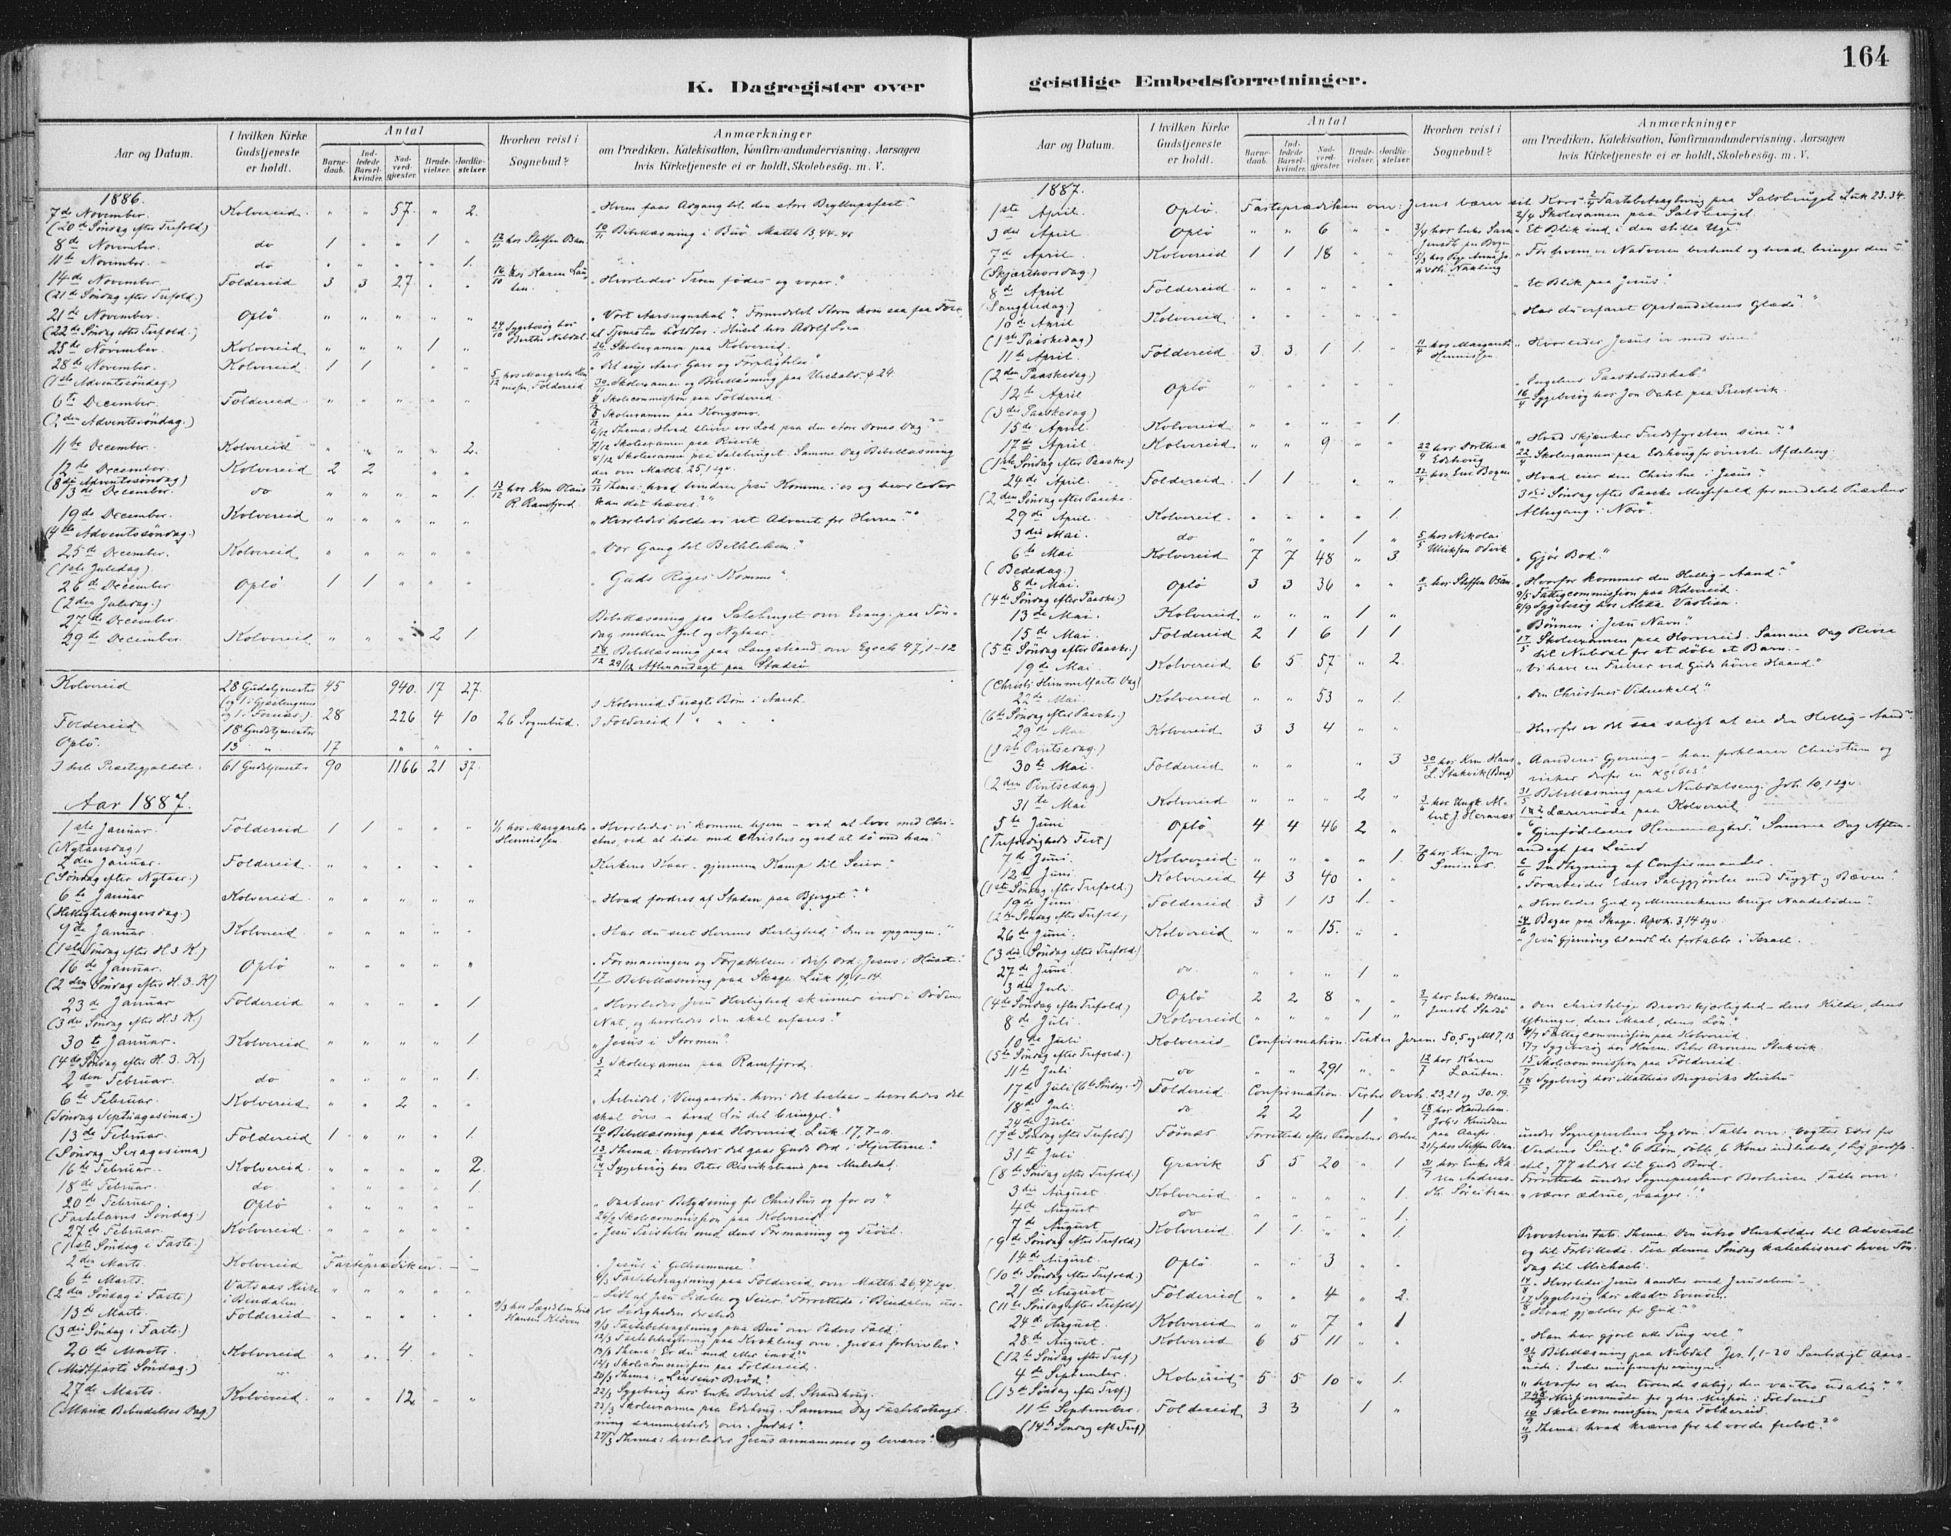 SAT, Ministerialprotokoller, klokkerbøker og fødselsregistre - Nord-Trøndelag, 783/L0660: Ministerialbok nr. 783A02, 1886-1918, s. 164